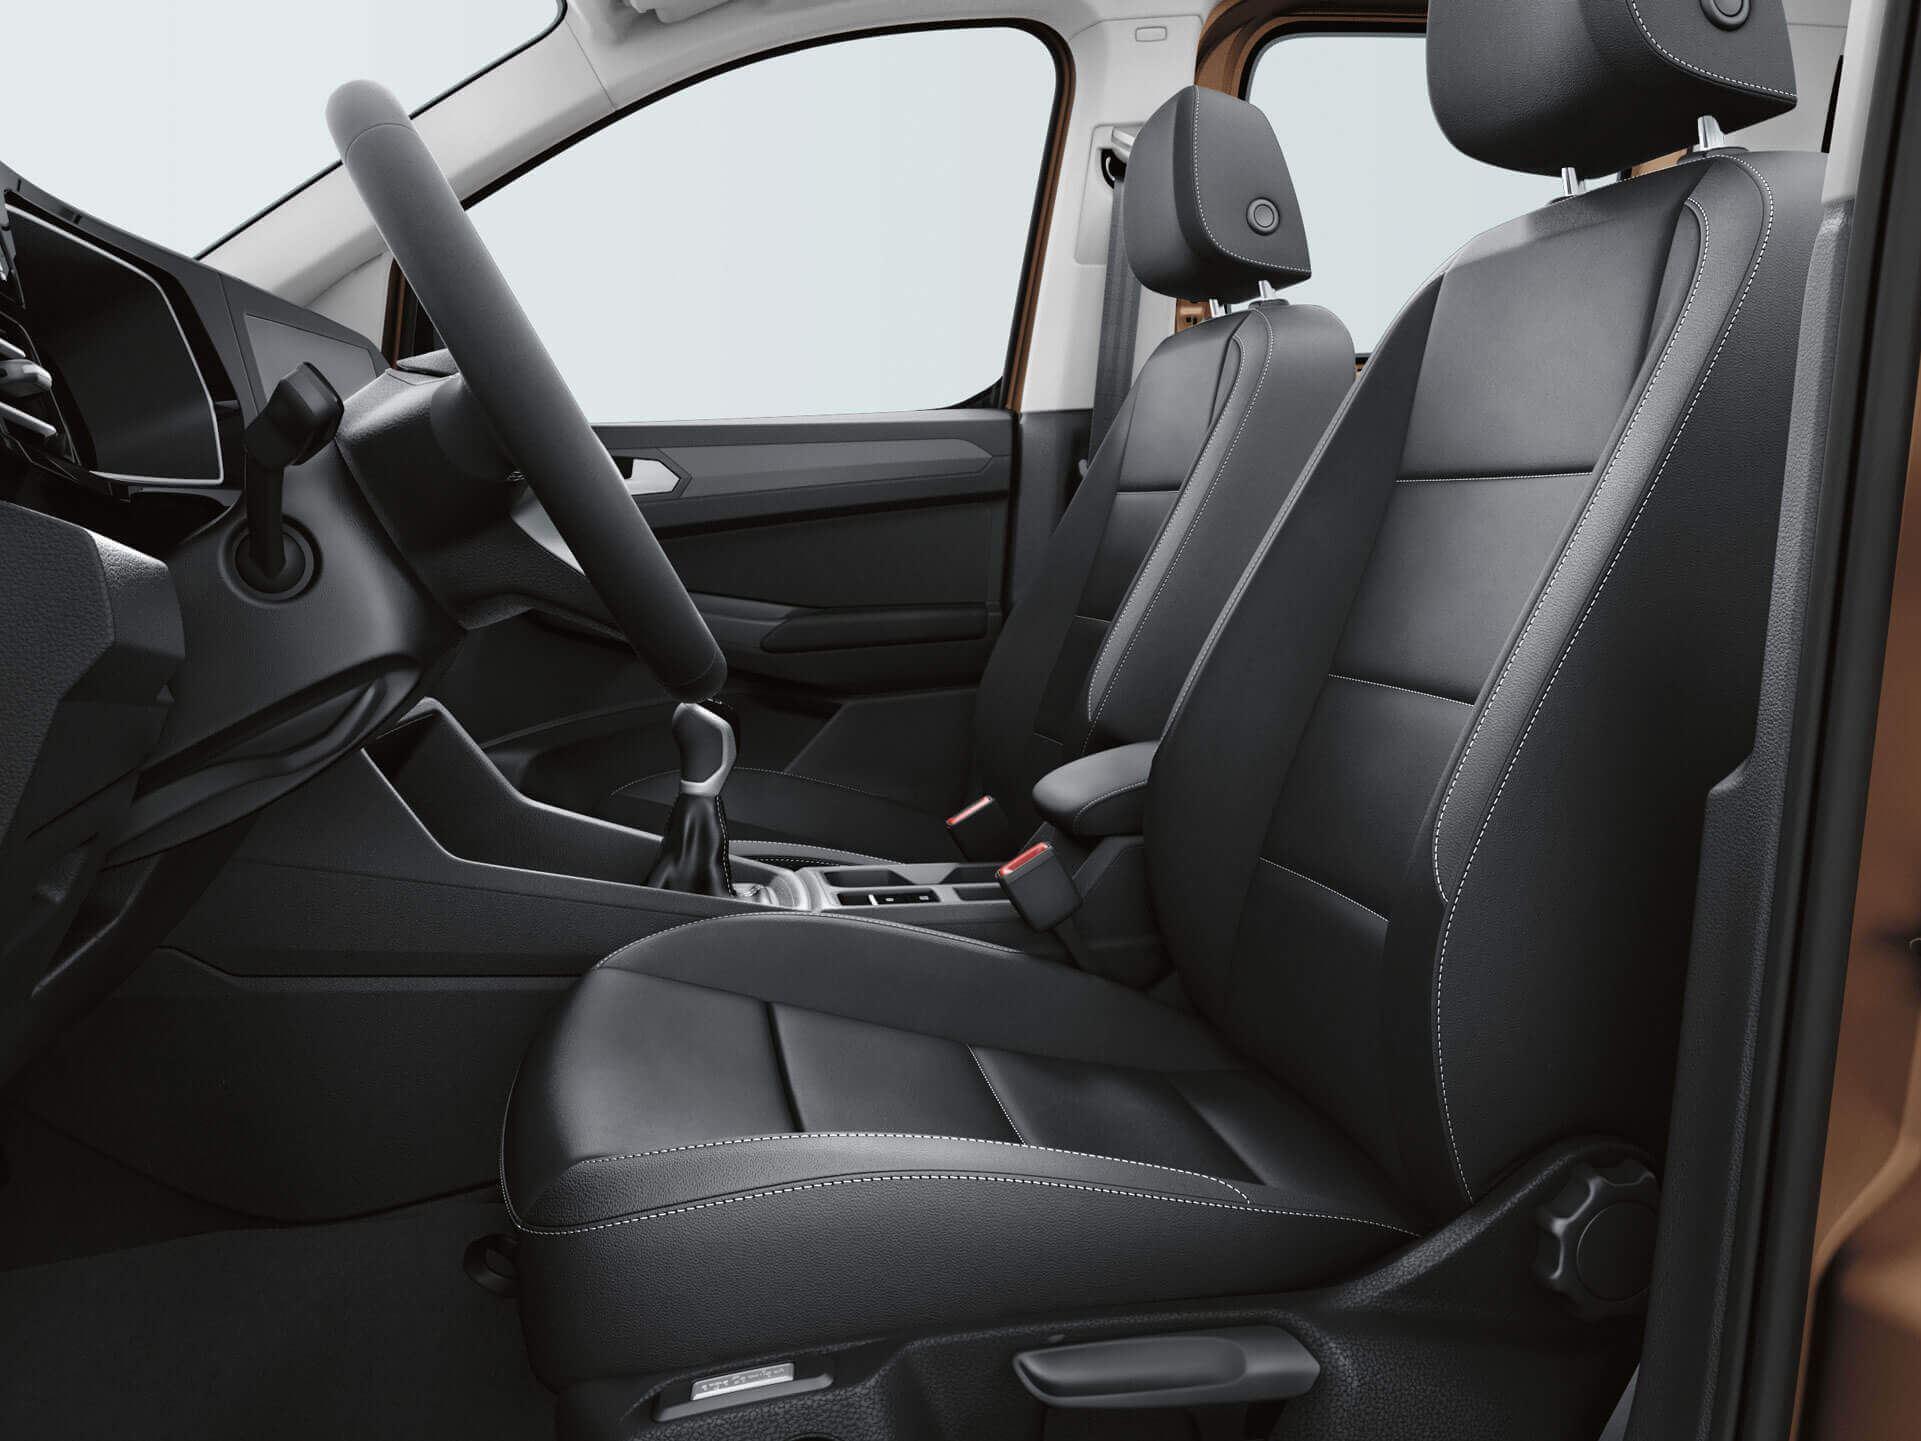 Сиденья ergoComfort в пассажирском и коммерческом Volkswagen Caddy